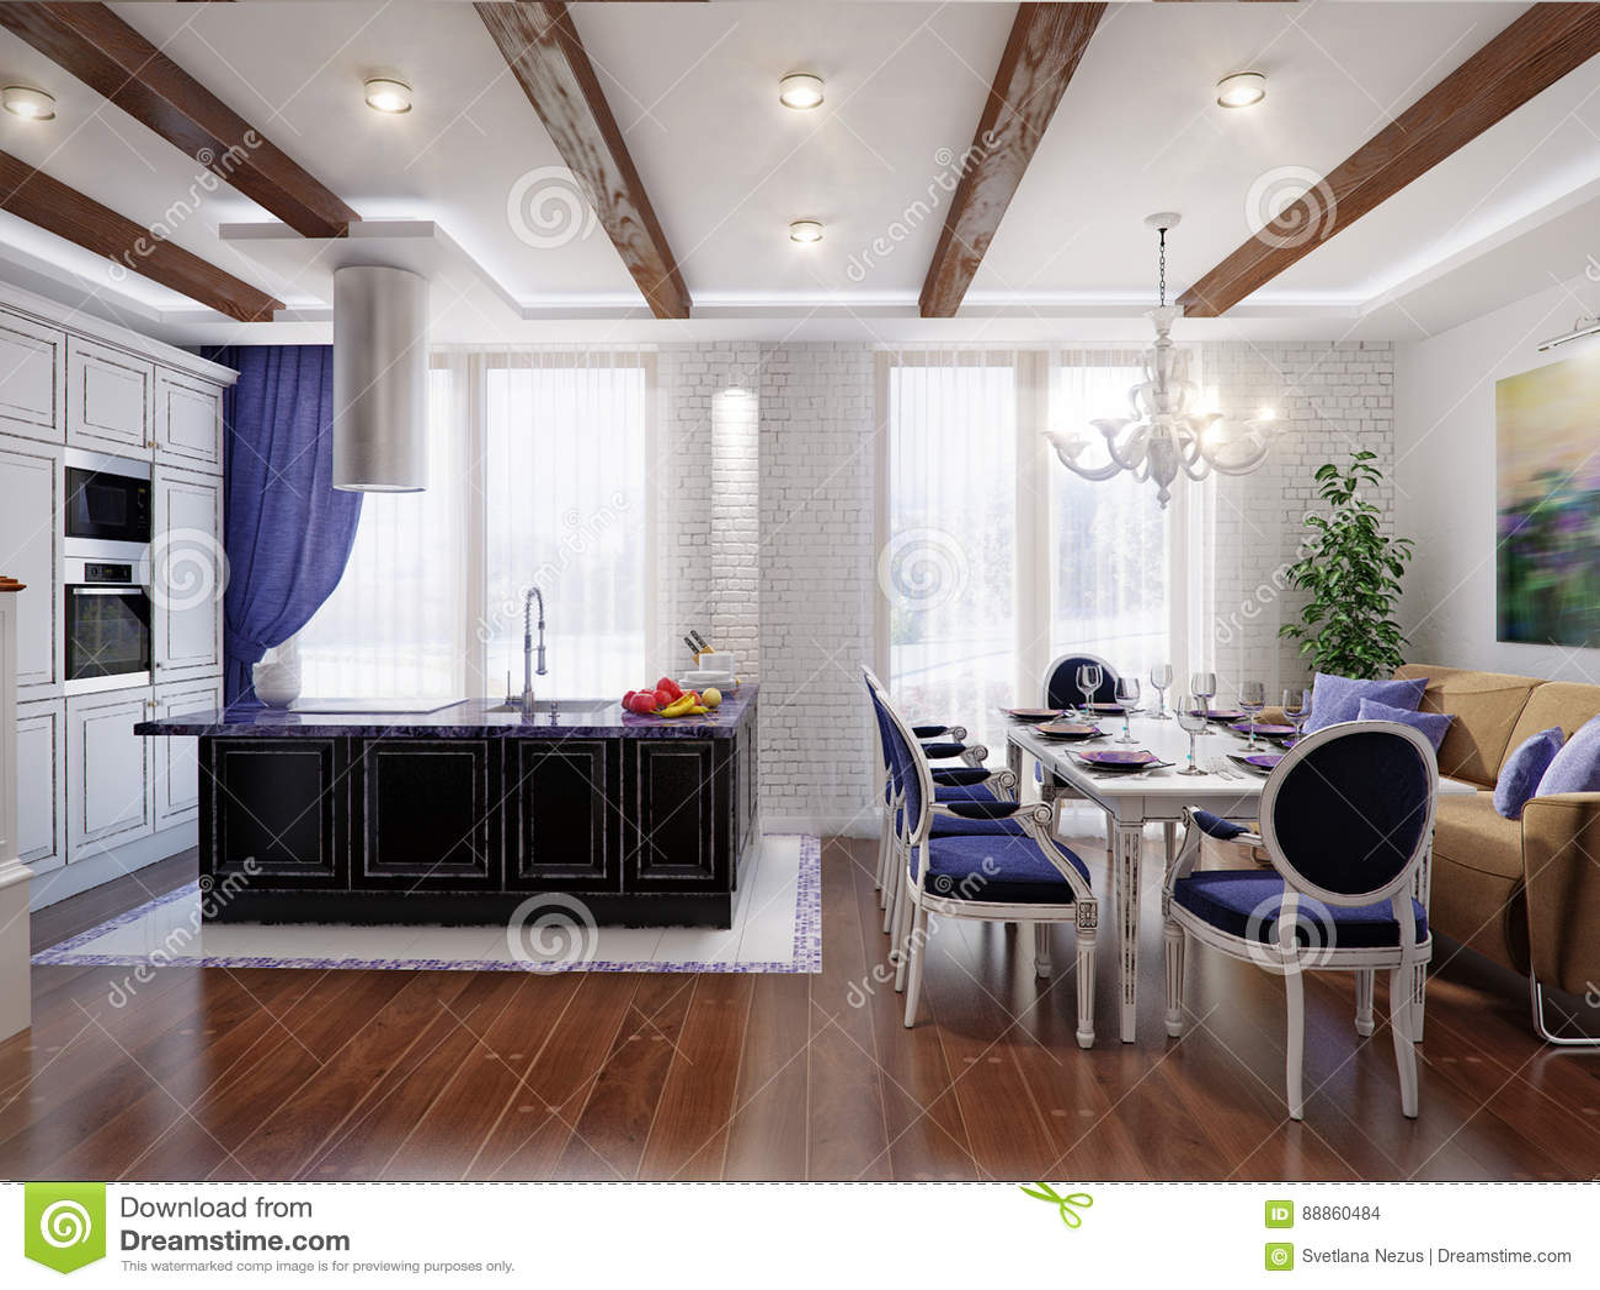 kitchen accent table small glass 餐厅和厨房经典室内设计库存例证 插画包括有厨师 内部 设计 蓝色 餐厅经典室内设计和厨房有白色和黑门面 白色砖墙和蓝色口音的3d例证